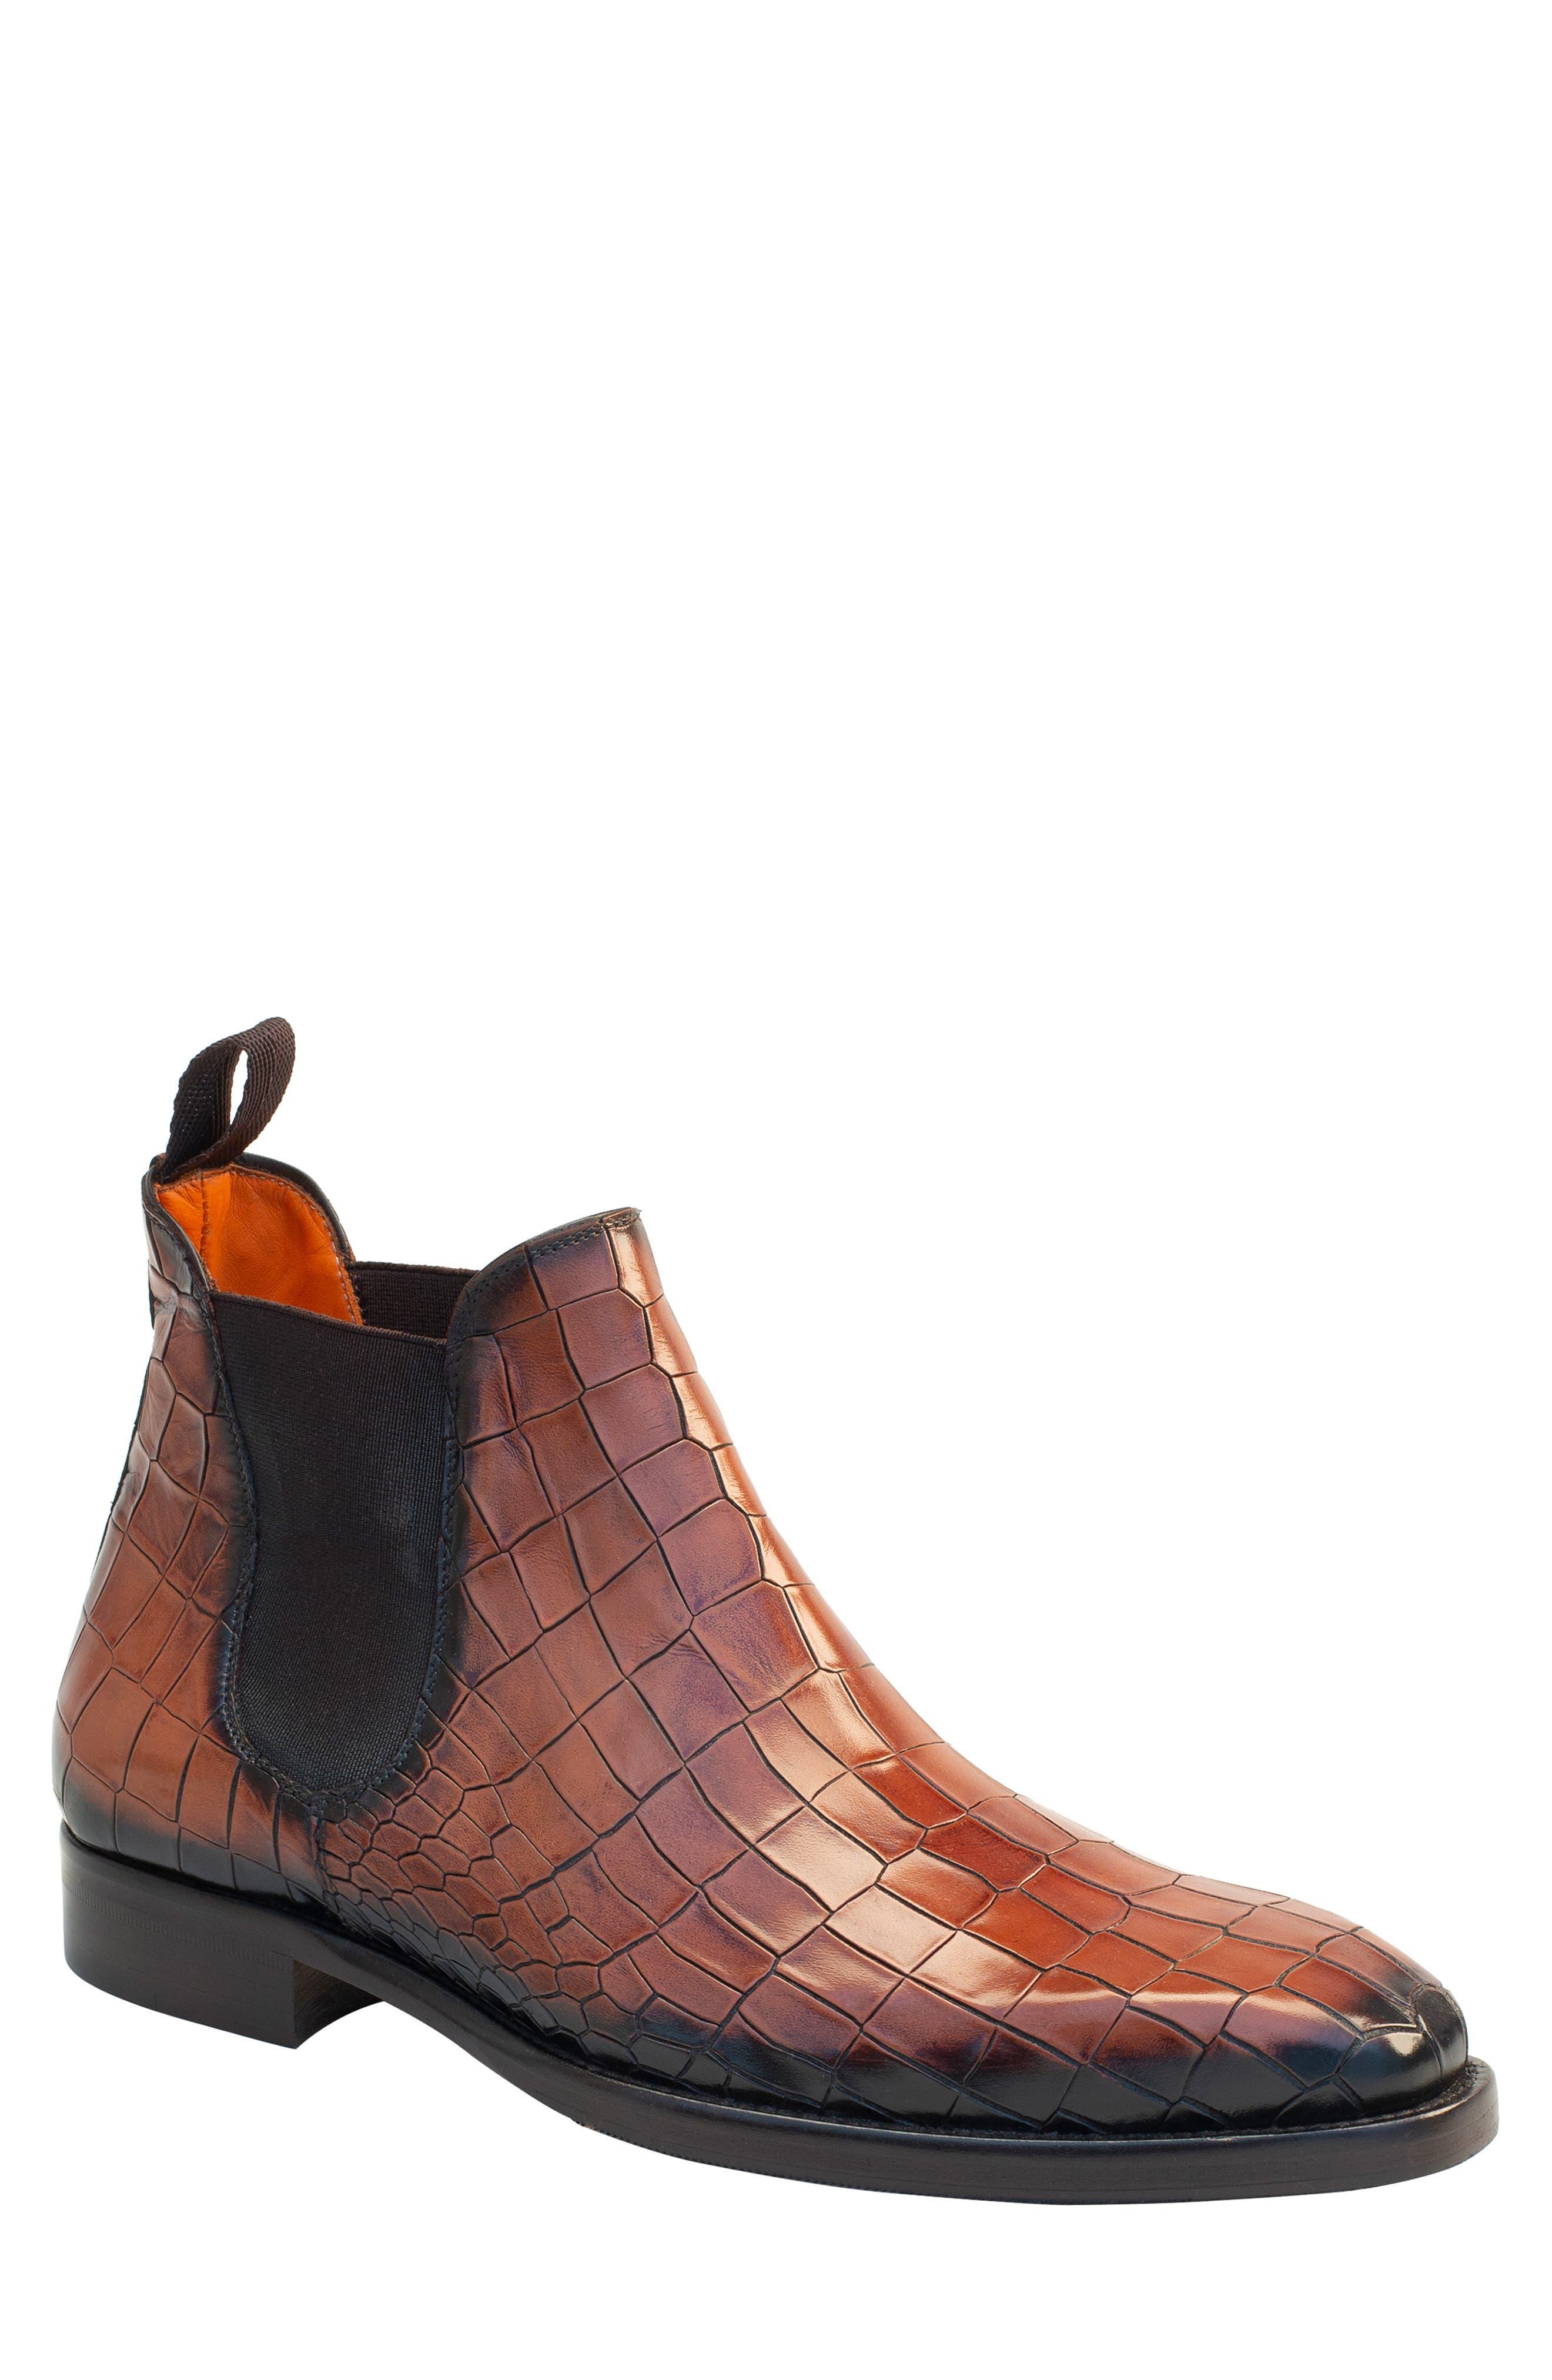 Vanguard Chelsea Boot